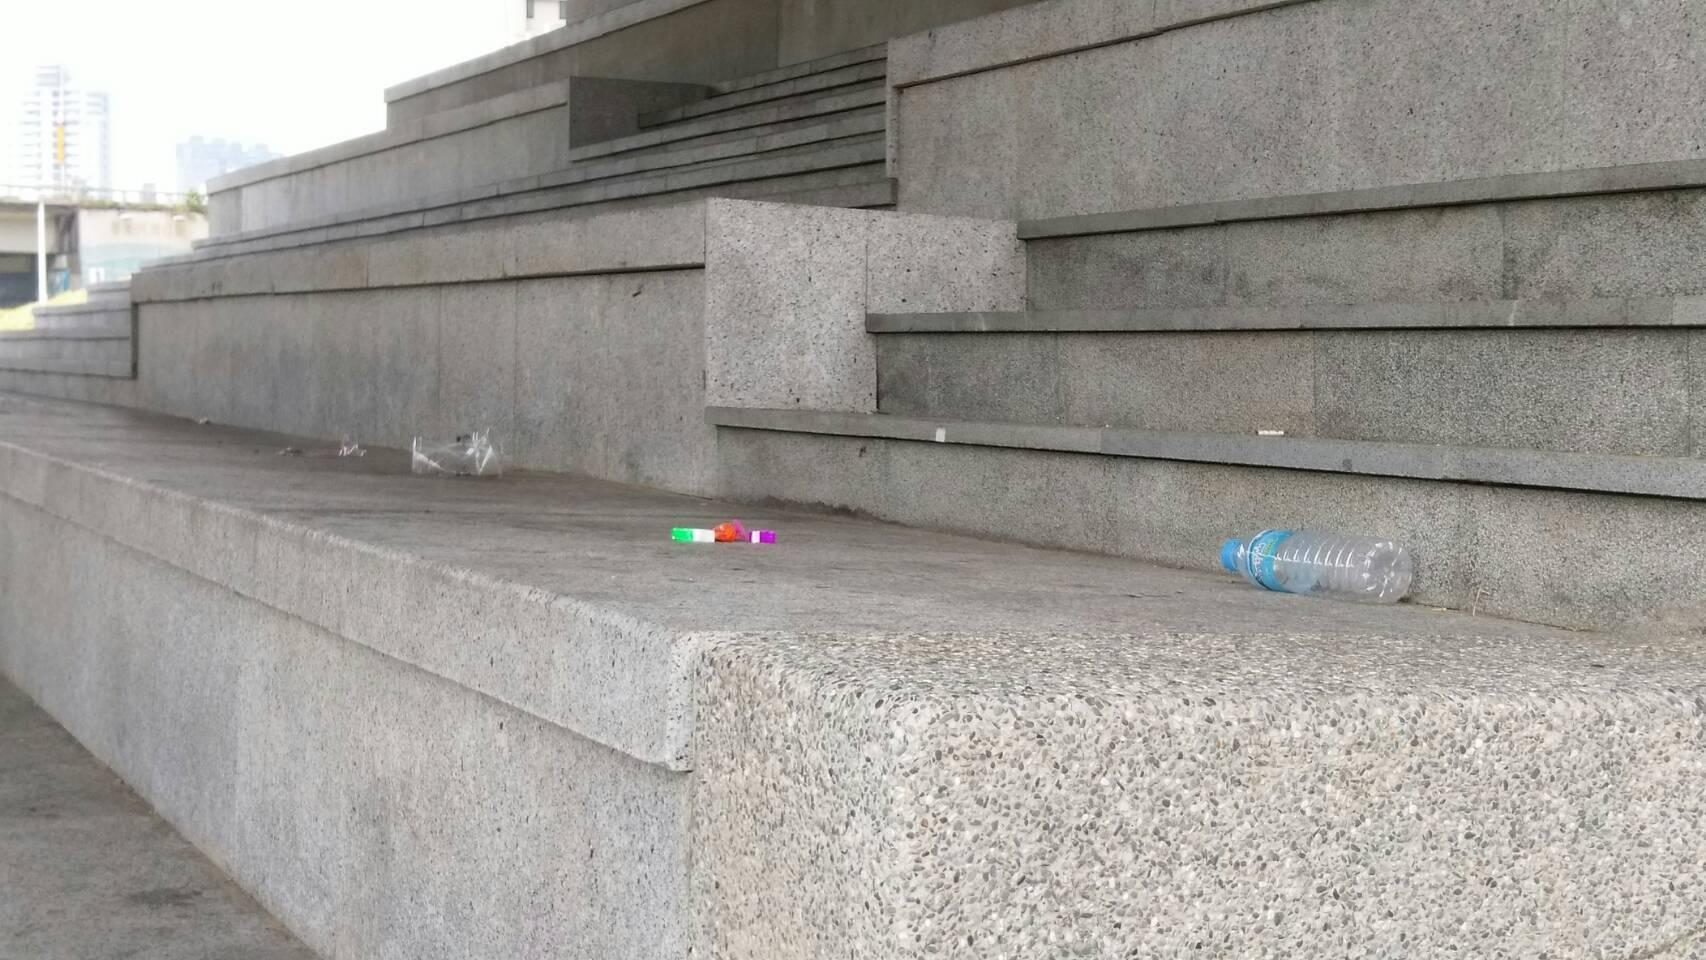 夜宿在樓梯的遊民離去後,留下了滿地的垃圾。 攝影/林聖捷